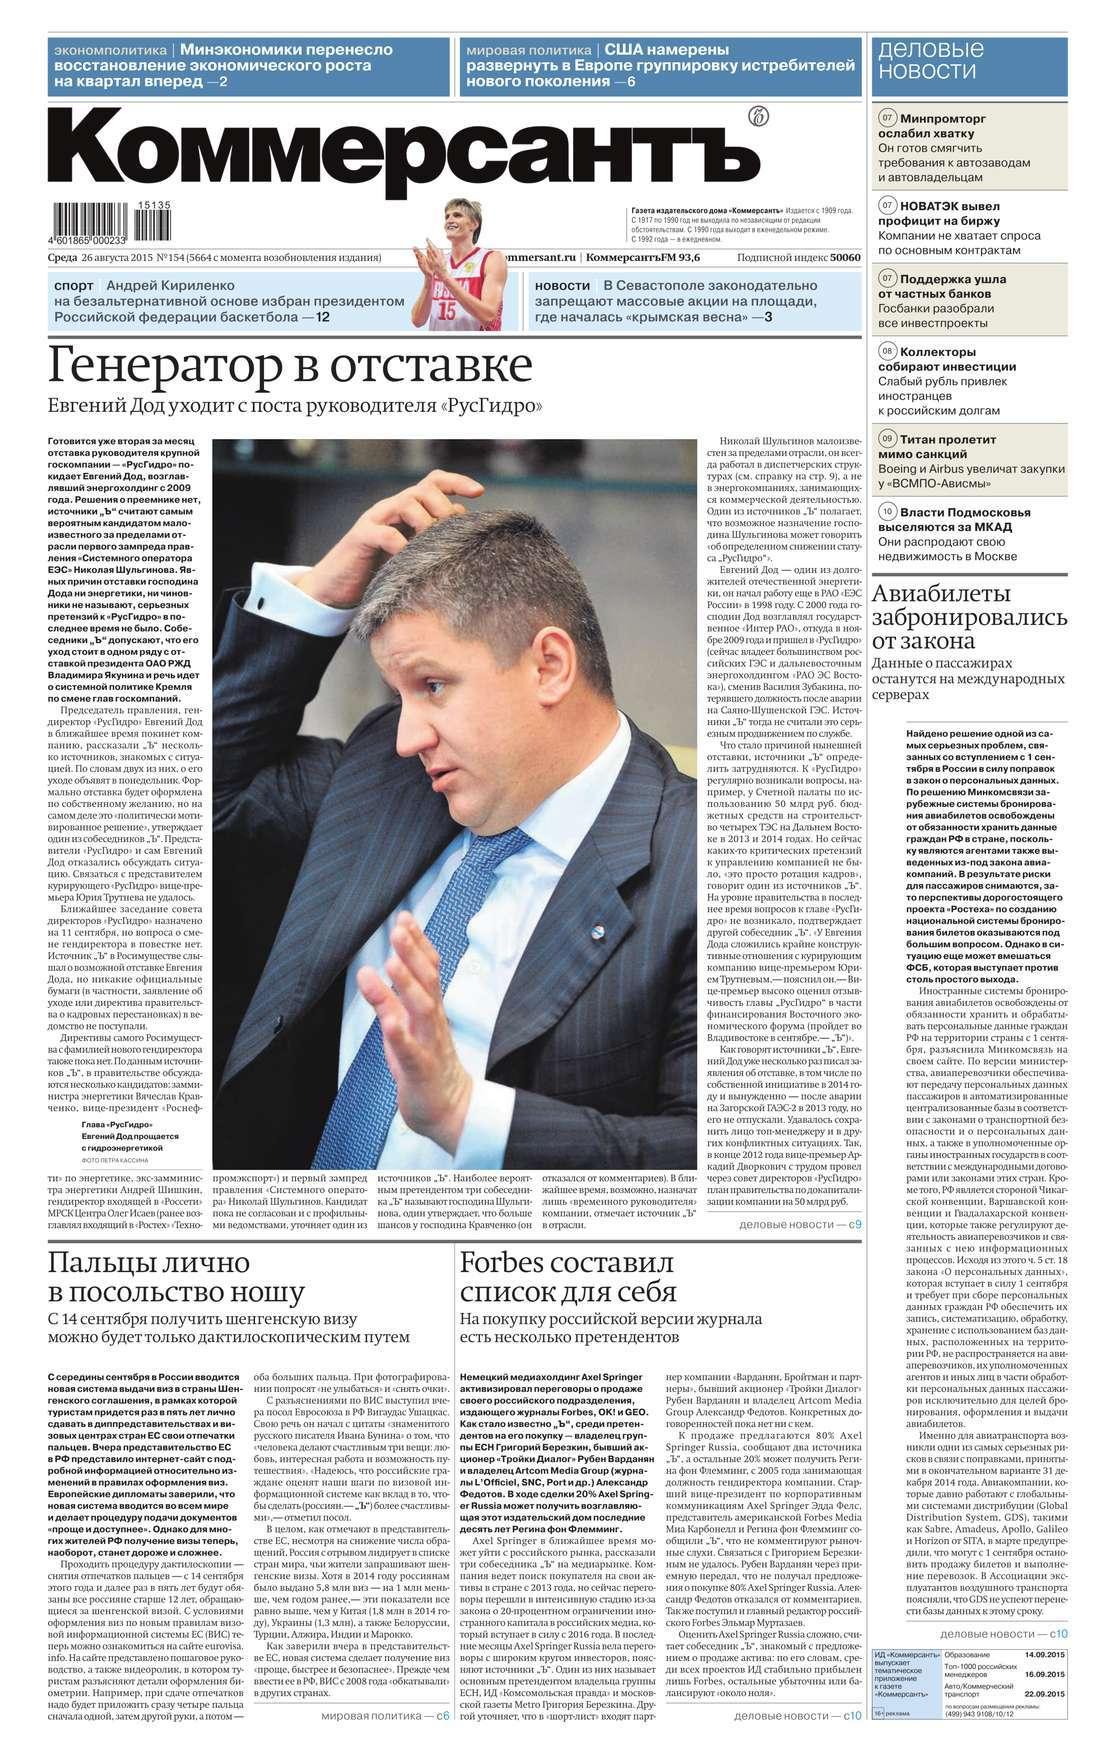 Скачать КоммерсантЪ 154-2015 бесплатно Редакция газеты КоммерсантЪ